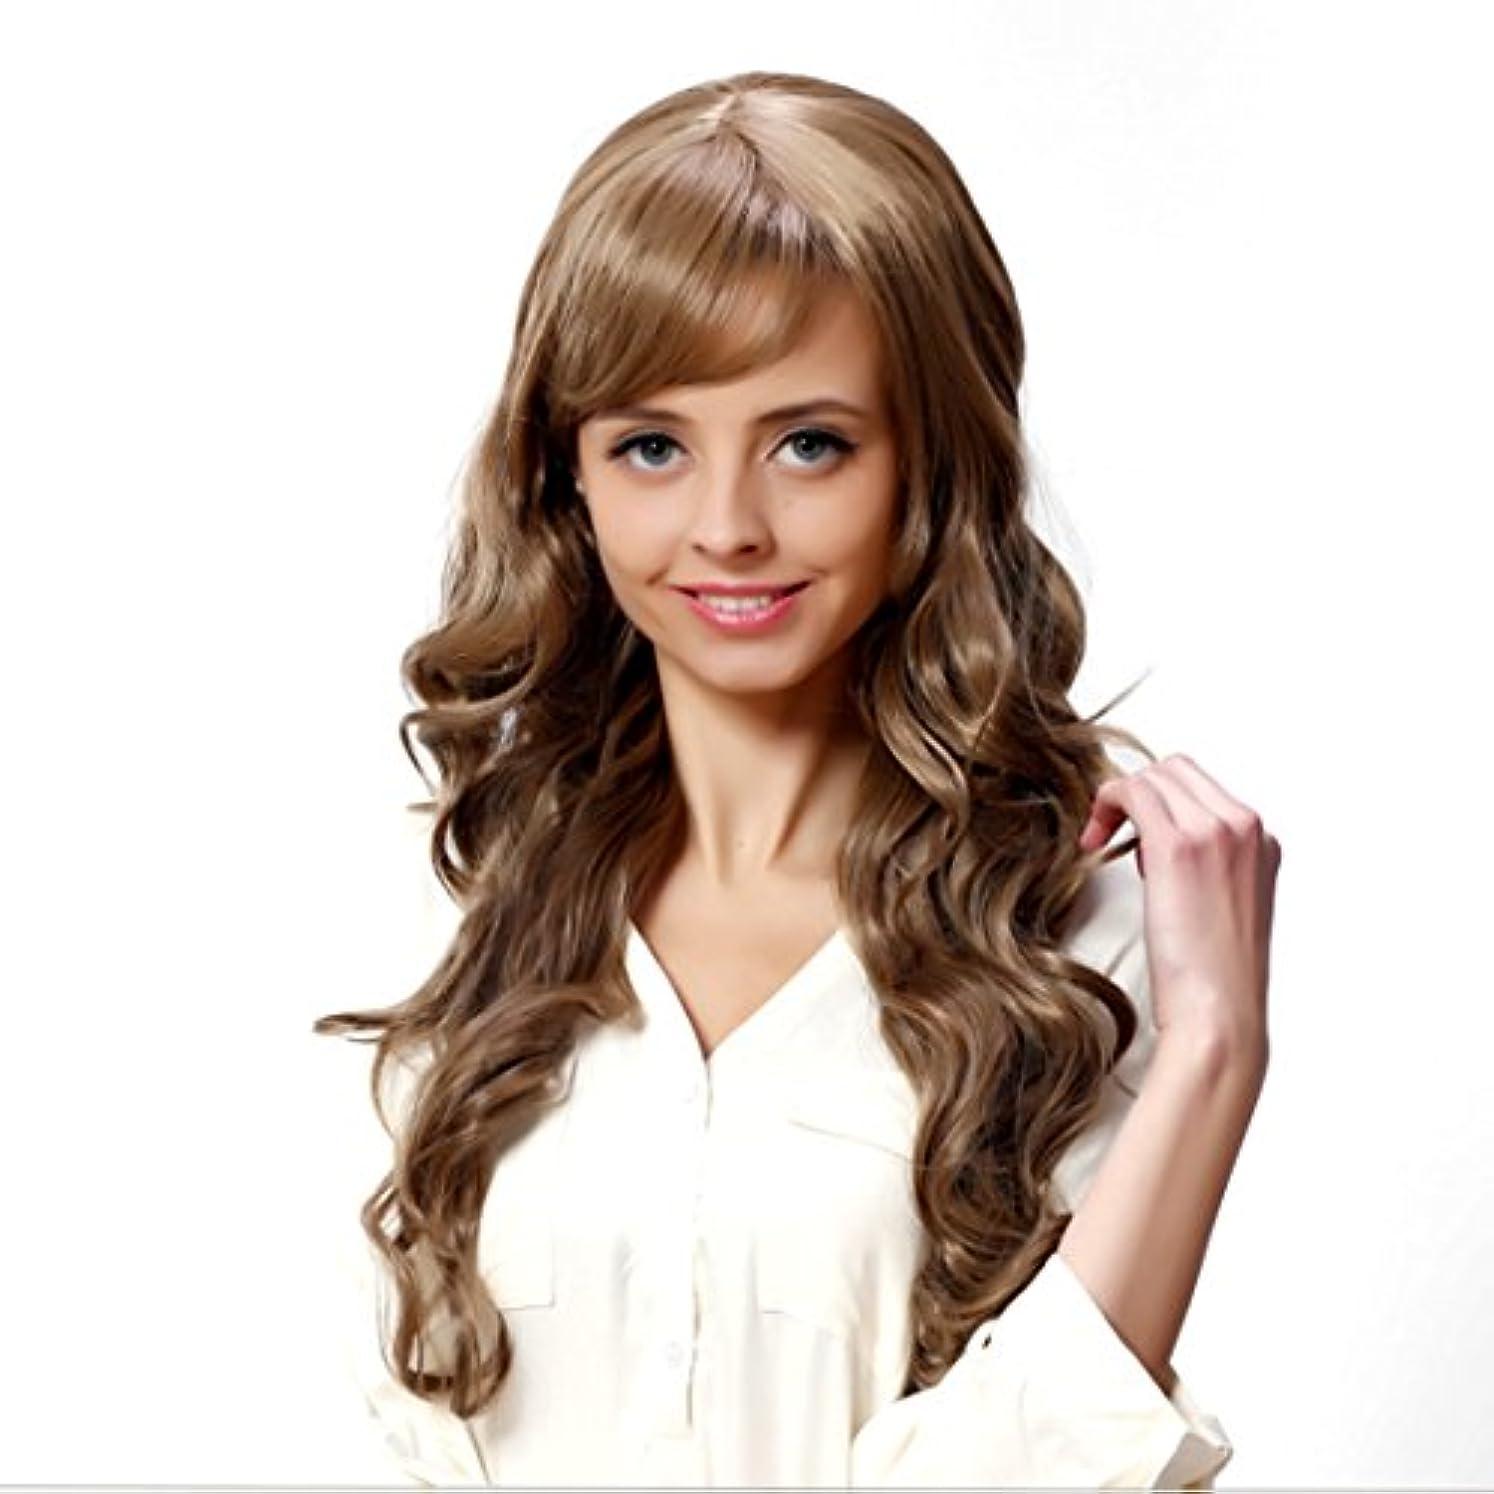 研究寸前アルミニウムJIANFU 女性のための現実的な大きな波状の長い縮毛のかつらフルサイズの頭のカーリーヘアフラフリな梨のフラワーウィッグ修正された顔の長さ21inch / 22inch(ブラウンブラック/ベージュ)のための斜めバンズウィッグ...